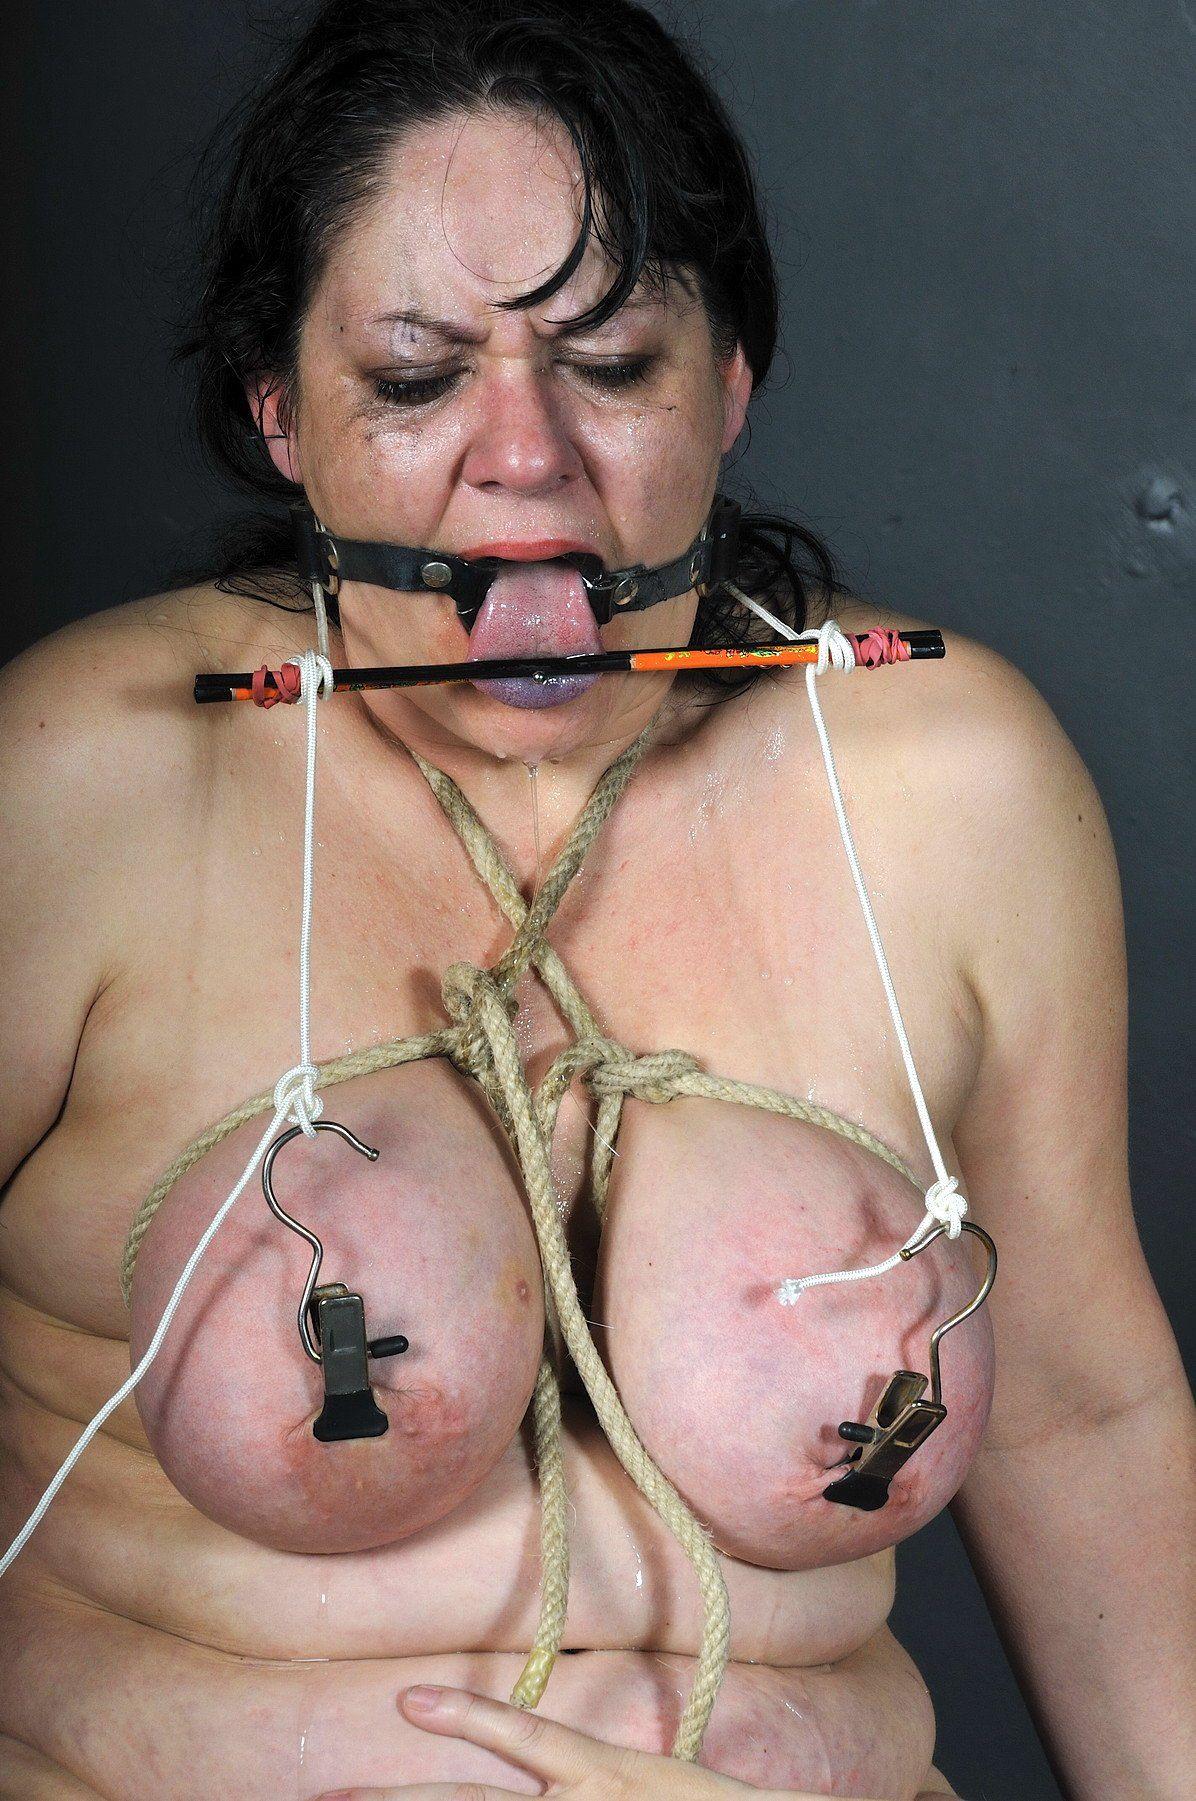 Fat pain slut top porn photos